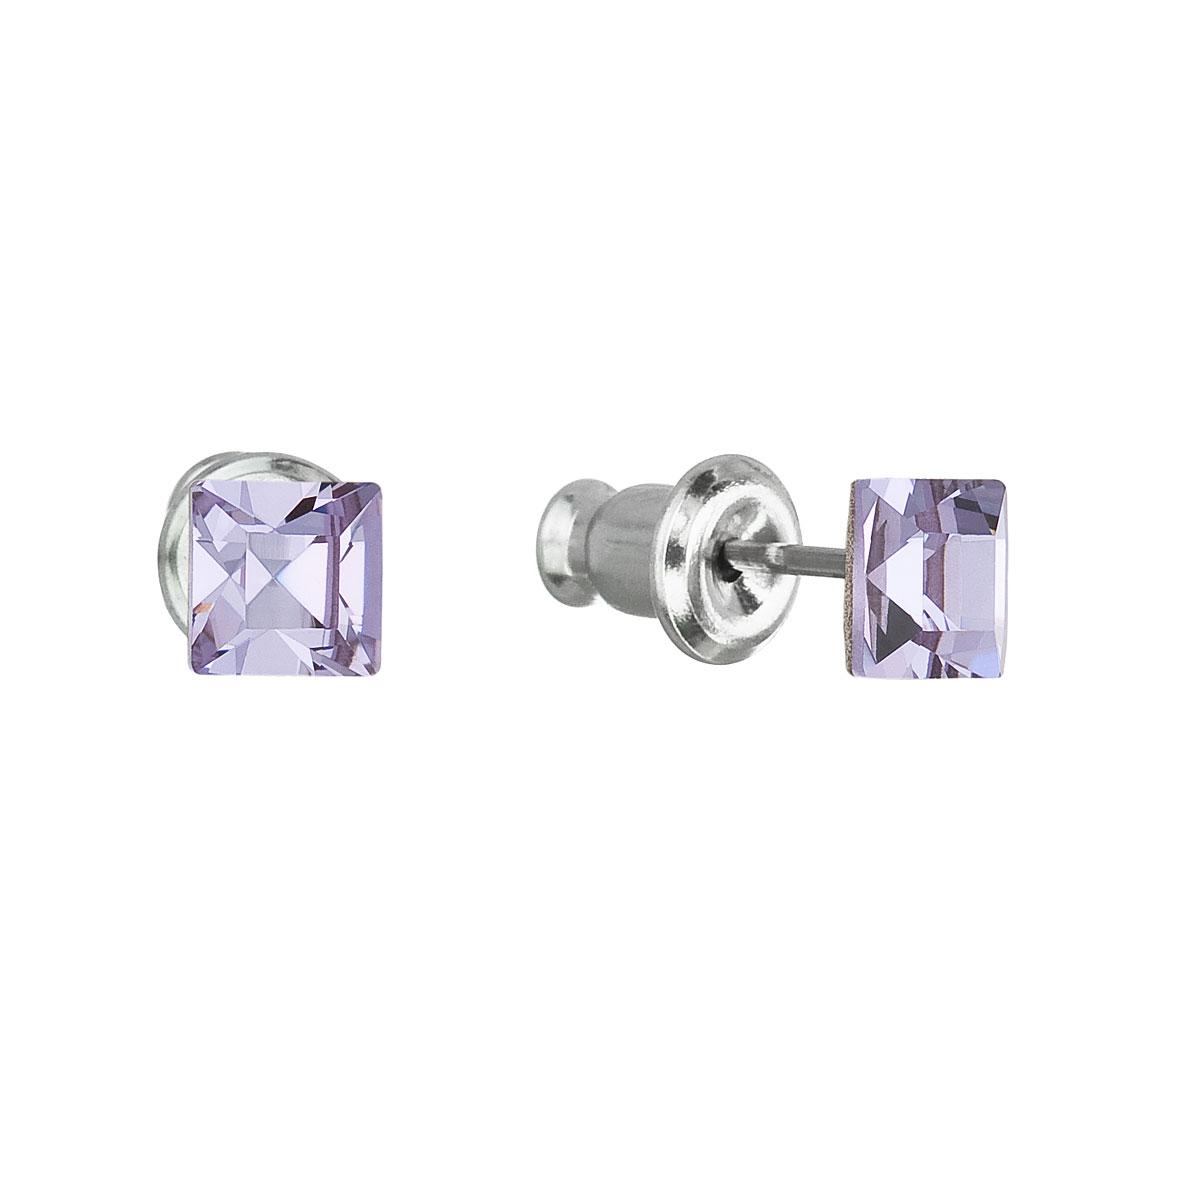 Evolution Group Náušnice se Swarovski krystaly fialová čtverec 51052.3 violet